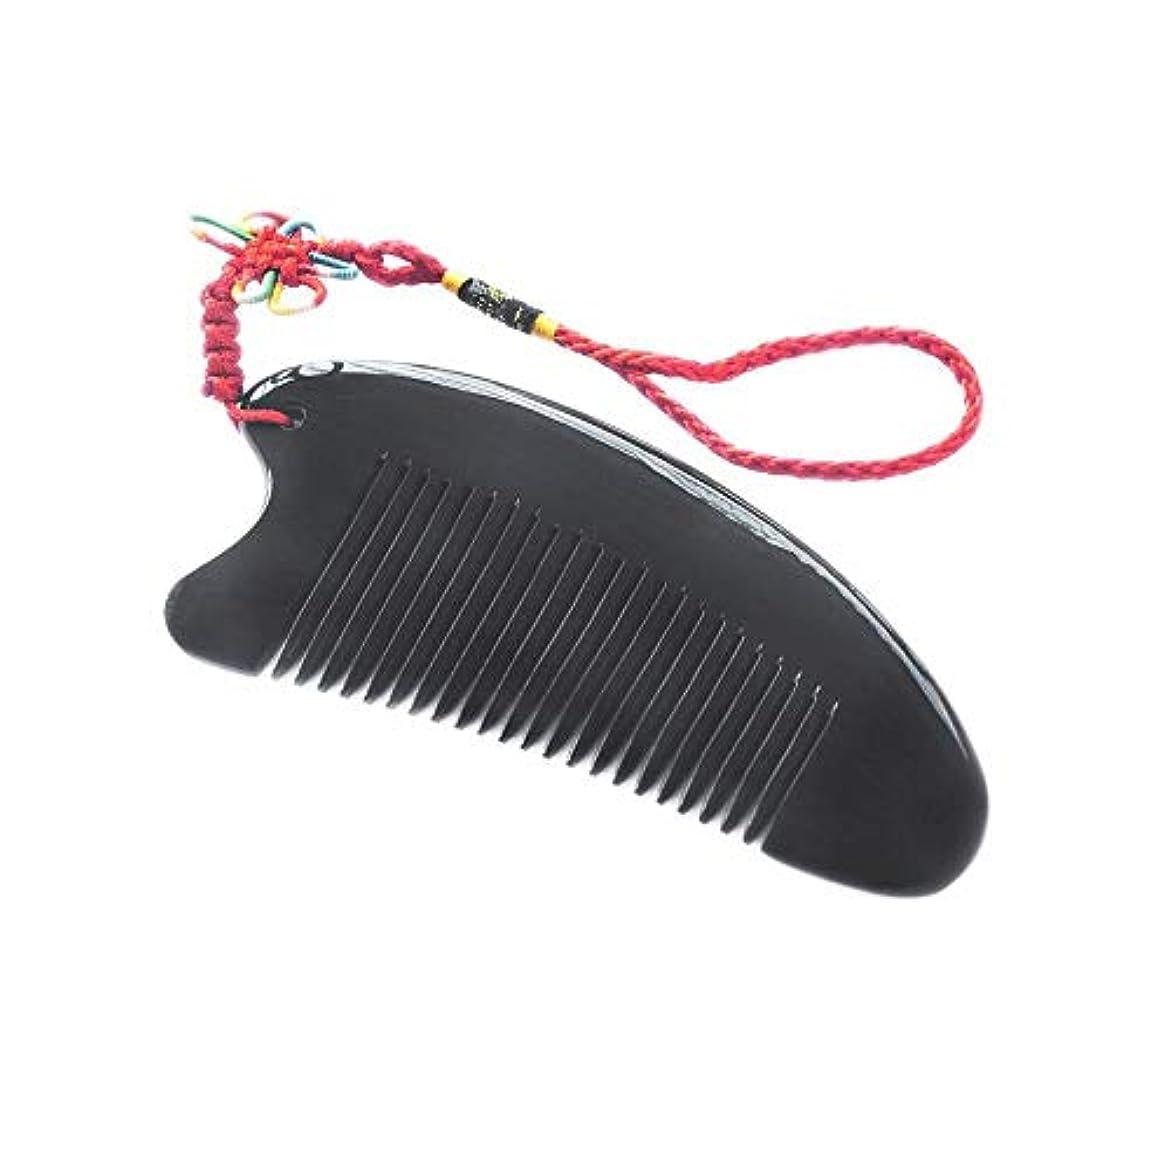 ラップビット強制的WASAIO 帯電防止水牛角くし黒手作り天然木製櫛用女性と男性木製抗帯電マッサージエアバッグ